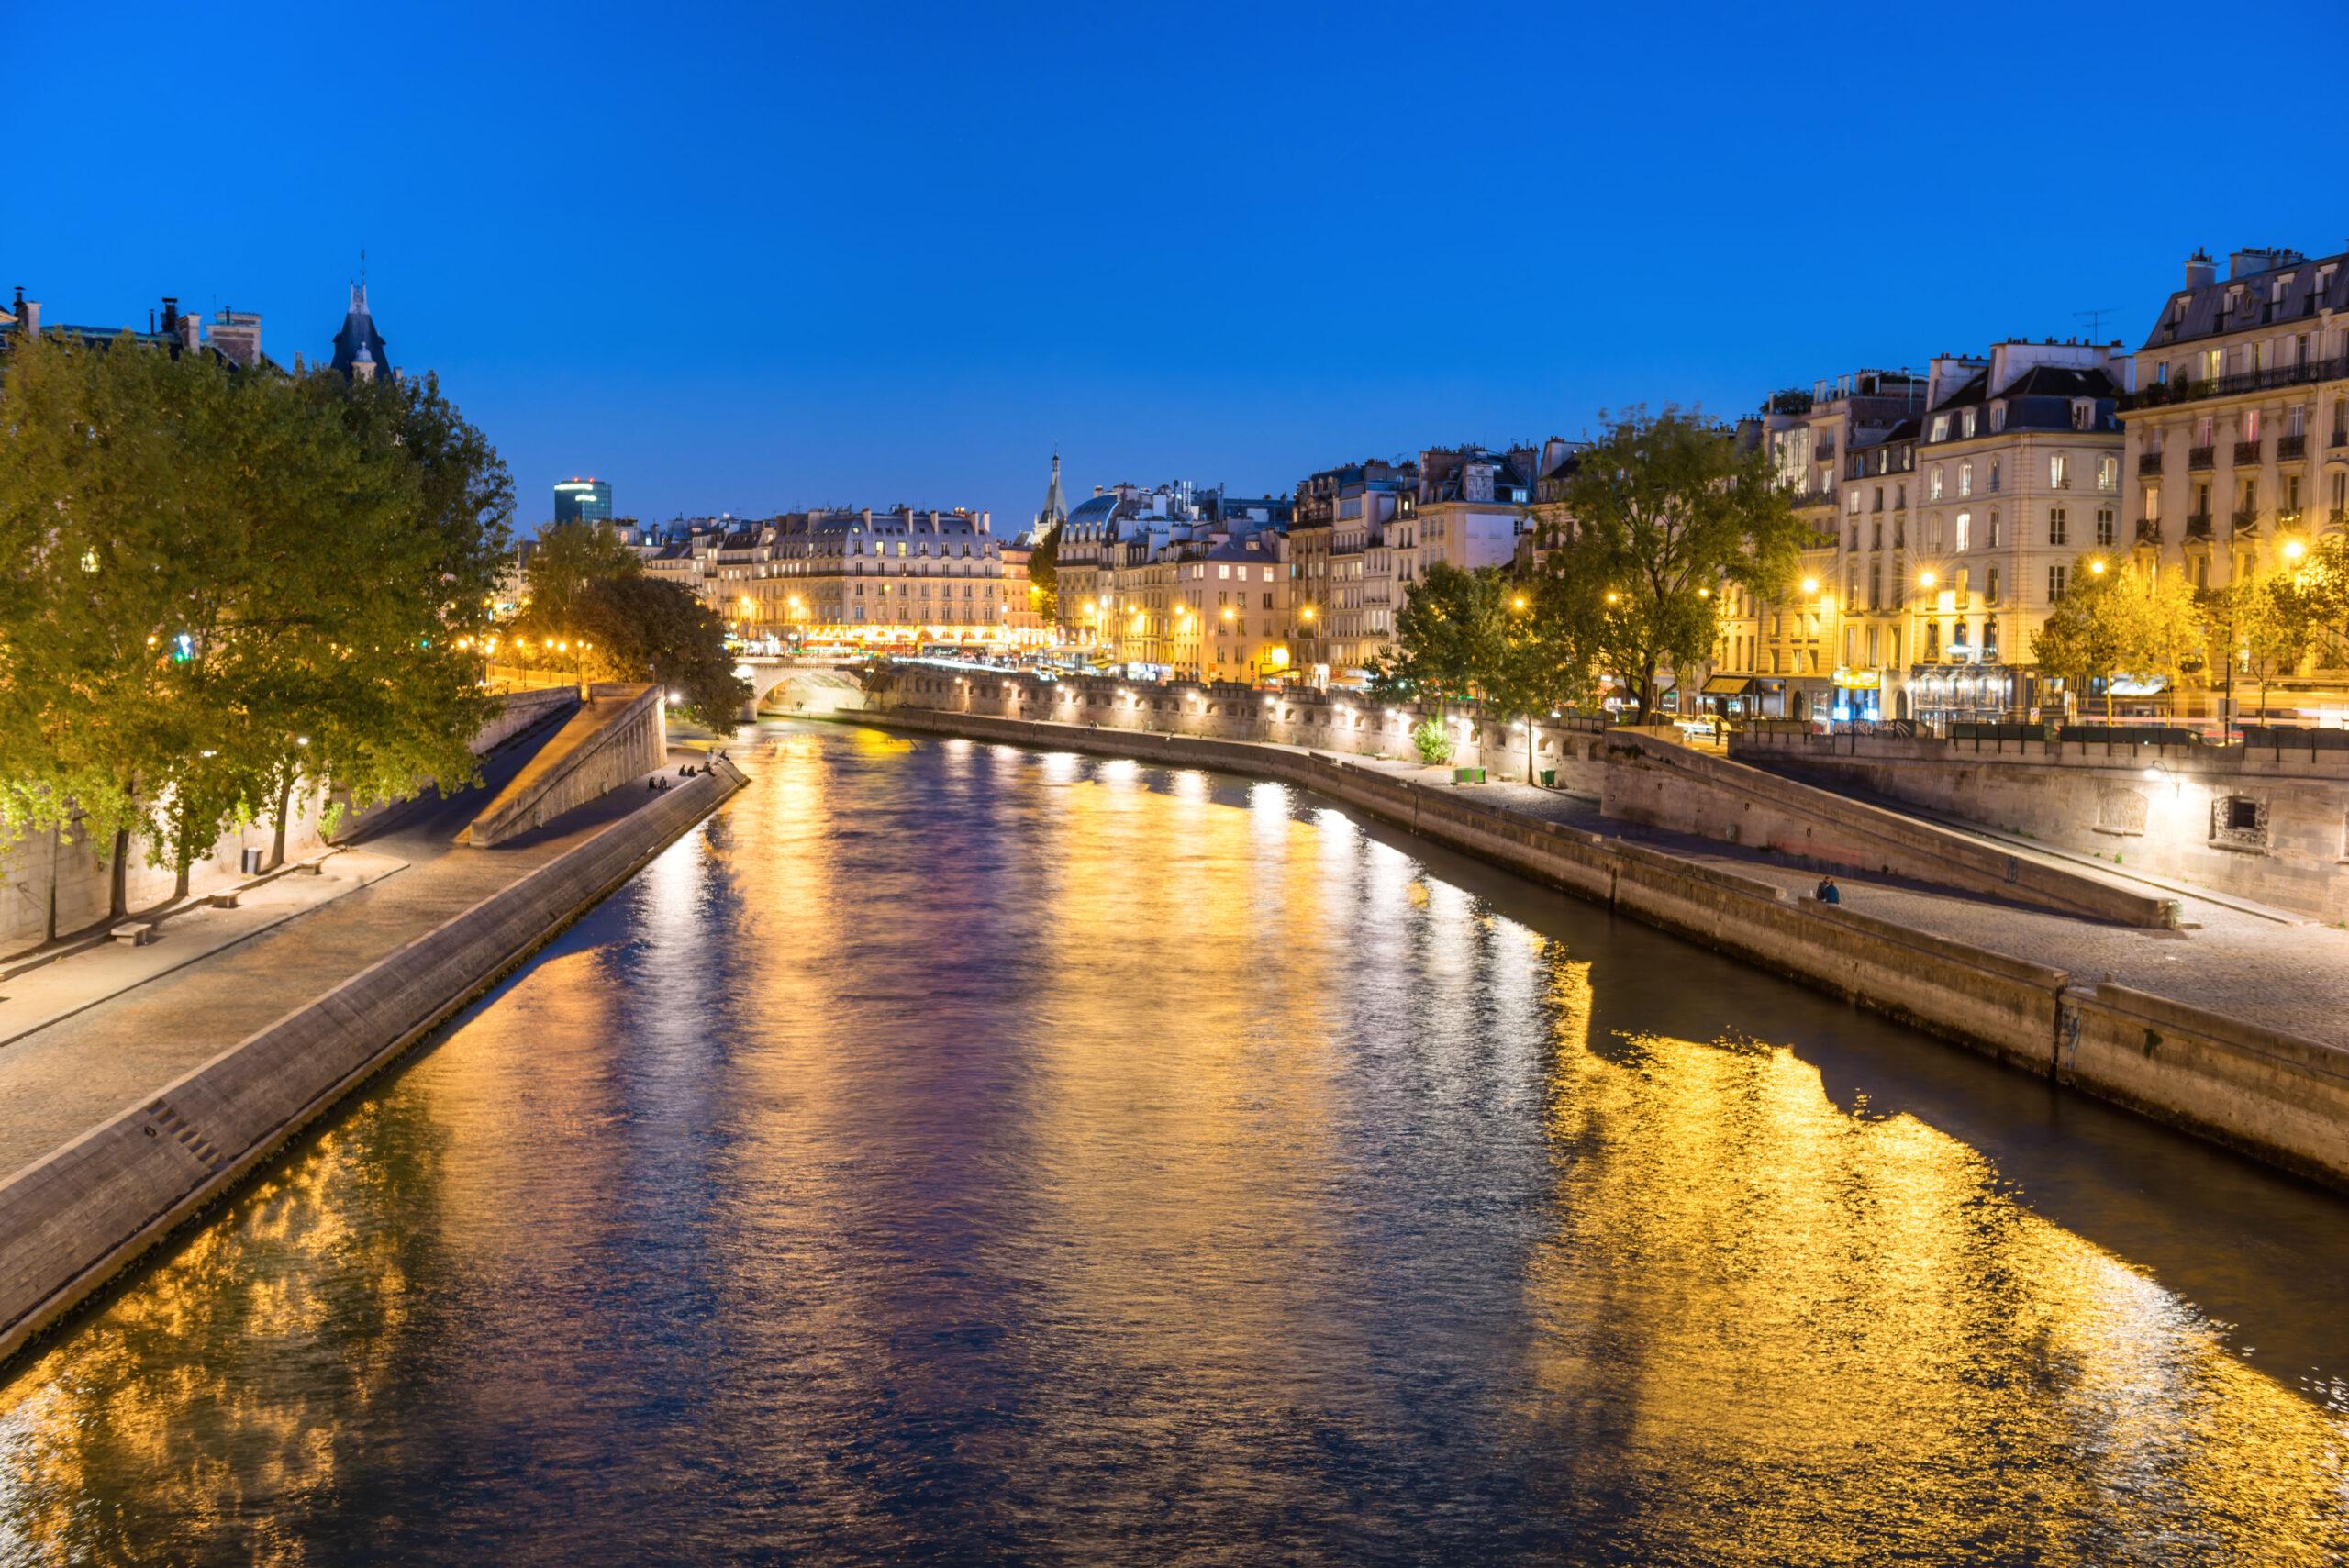 Seinen elvecruise kvelden middagscruise lunsjcruise med mat drikke Paris